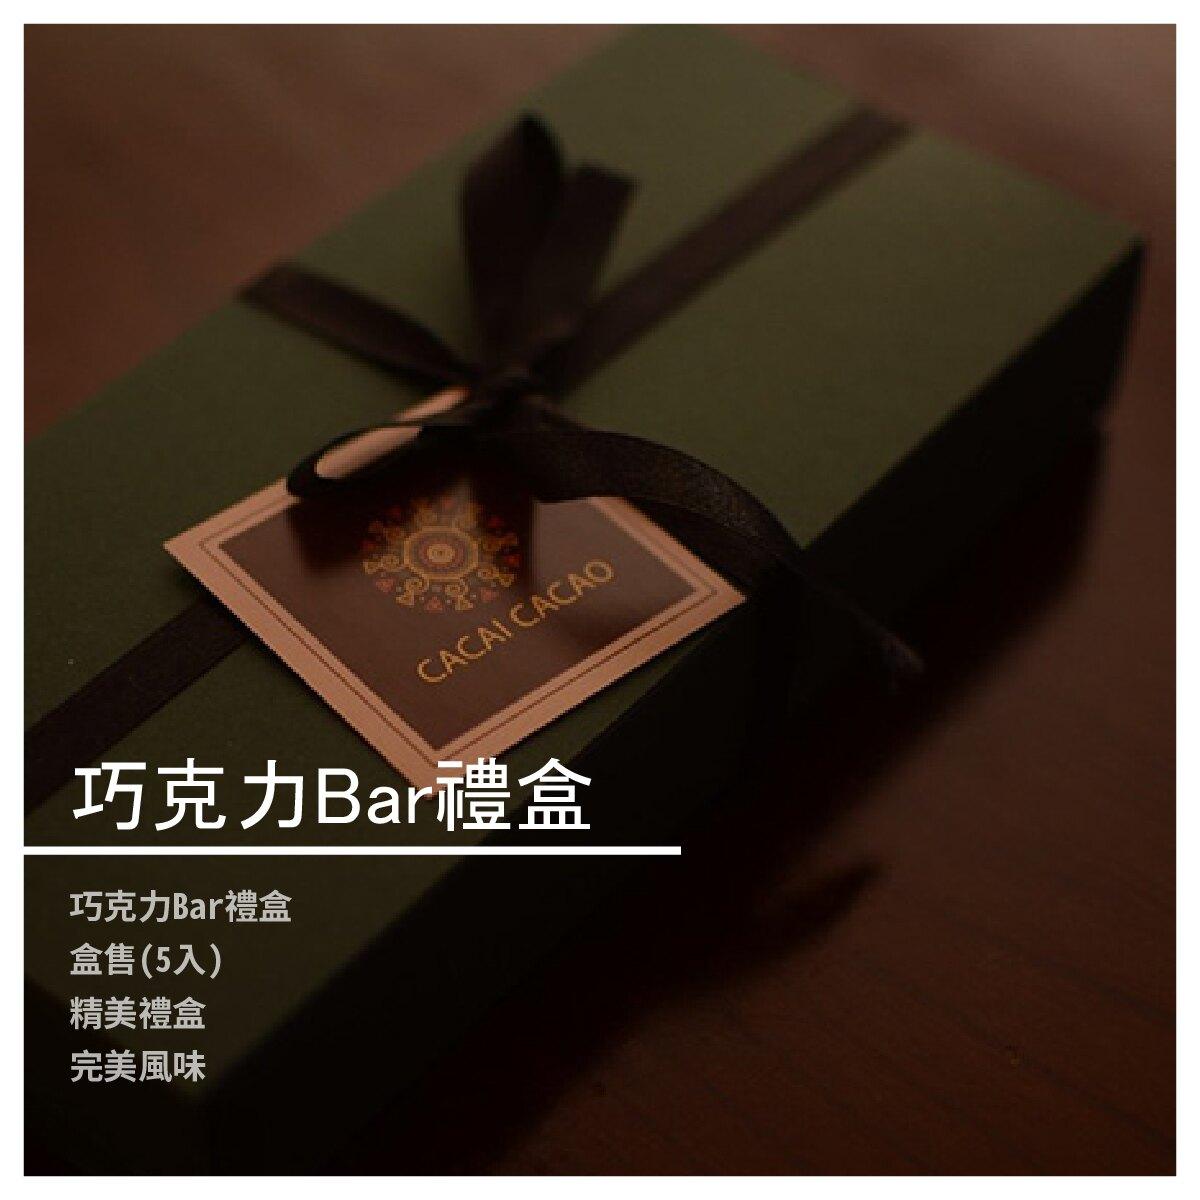 【CACAI CACAO】巧克力Bar禮盒/5入